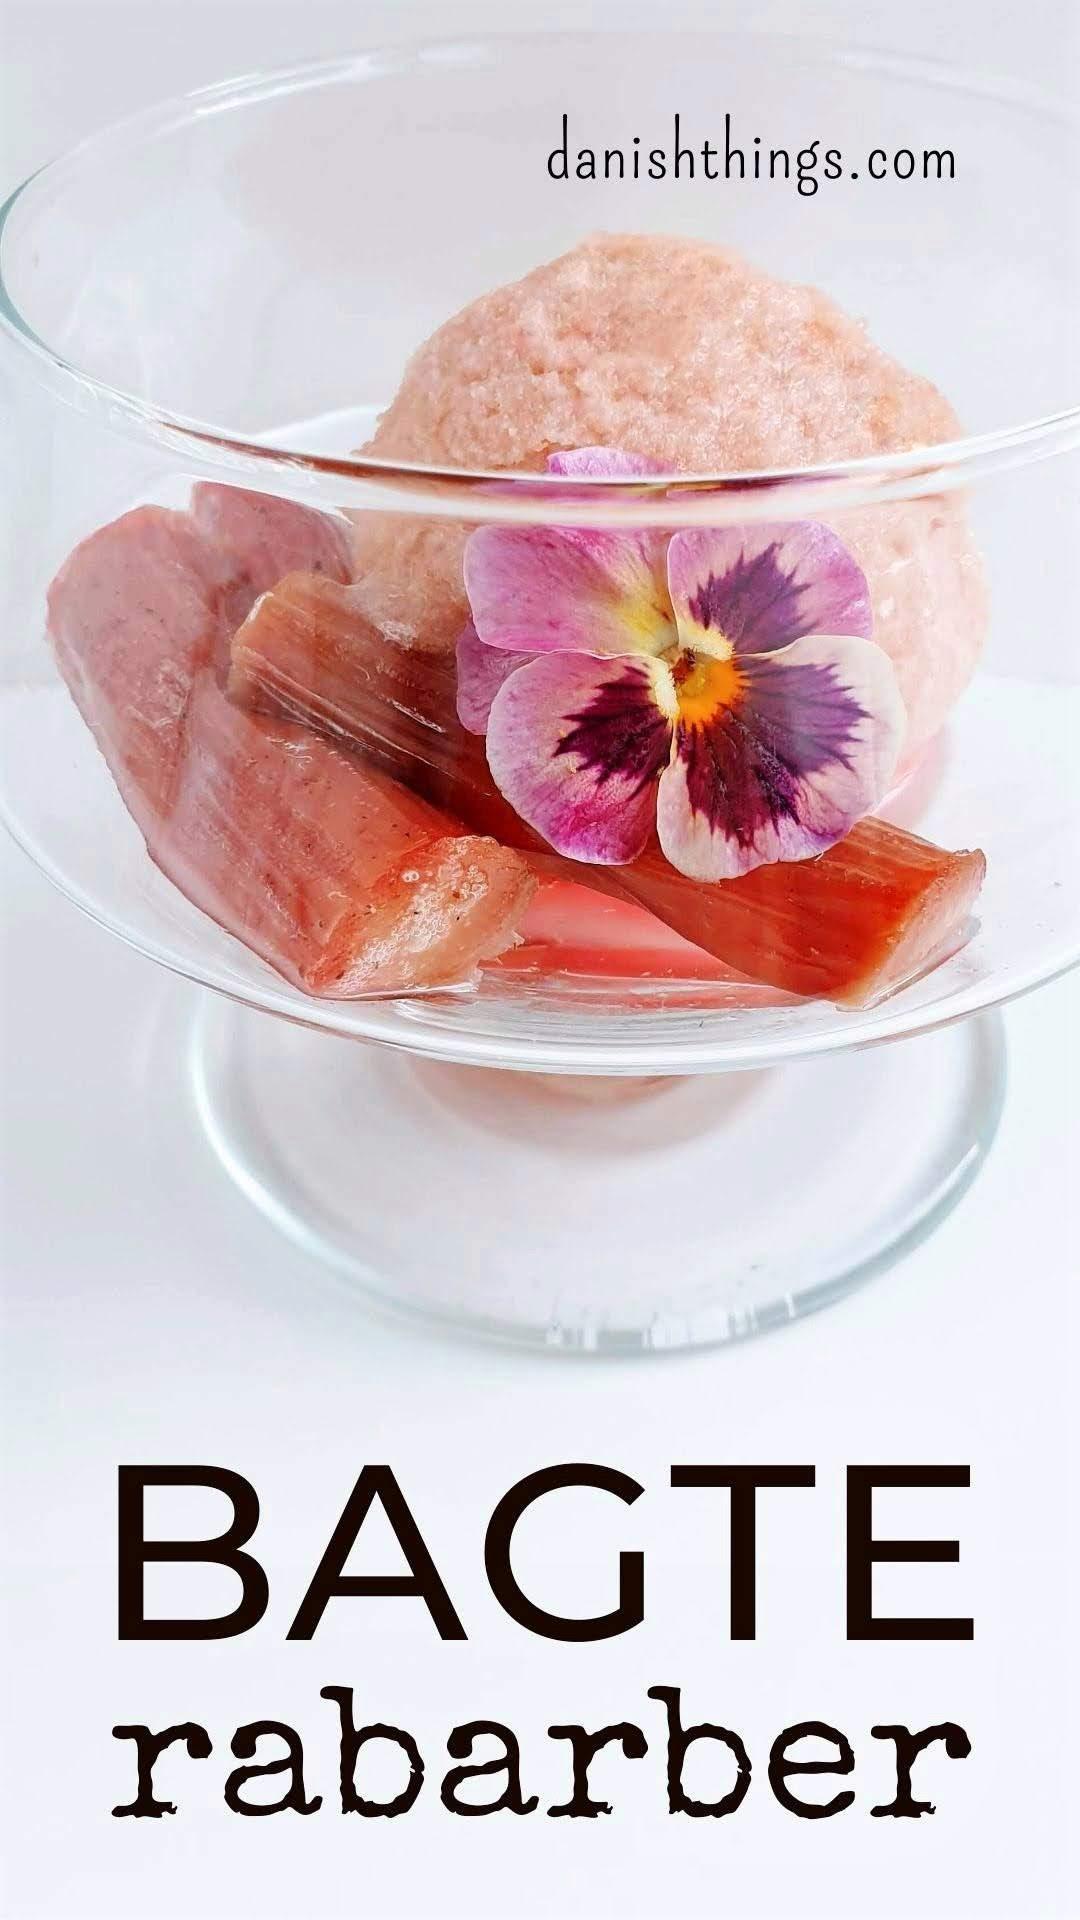 Sådan laver du bagte rabarber og ovnbagt rabarberkompot. Bagte rabarber - et lækkert tilbehør til flødeis, sorbet, pandekager, desserter og mad. Find opskrifter, gratis print og inspiration til årets gang på danishthings.com #DanishThings #rabarber #bagte-rabarber #bagte #ovnbagte #rabarberkompot #grønnerabarber #haverabarber #dessert